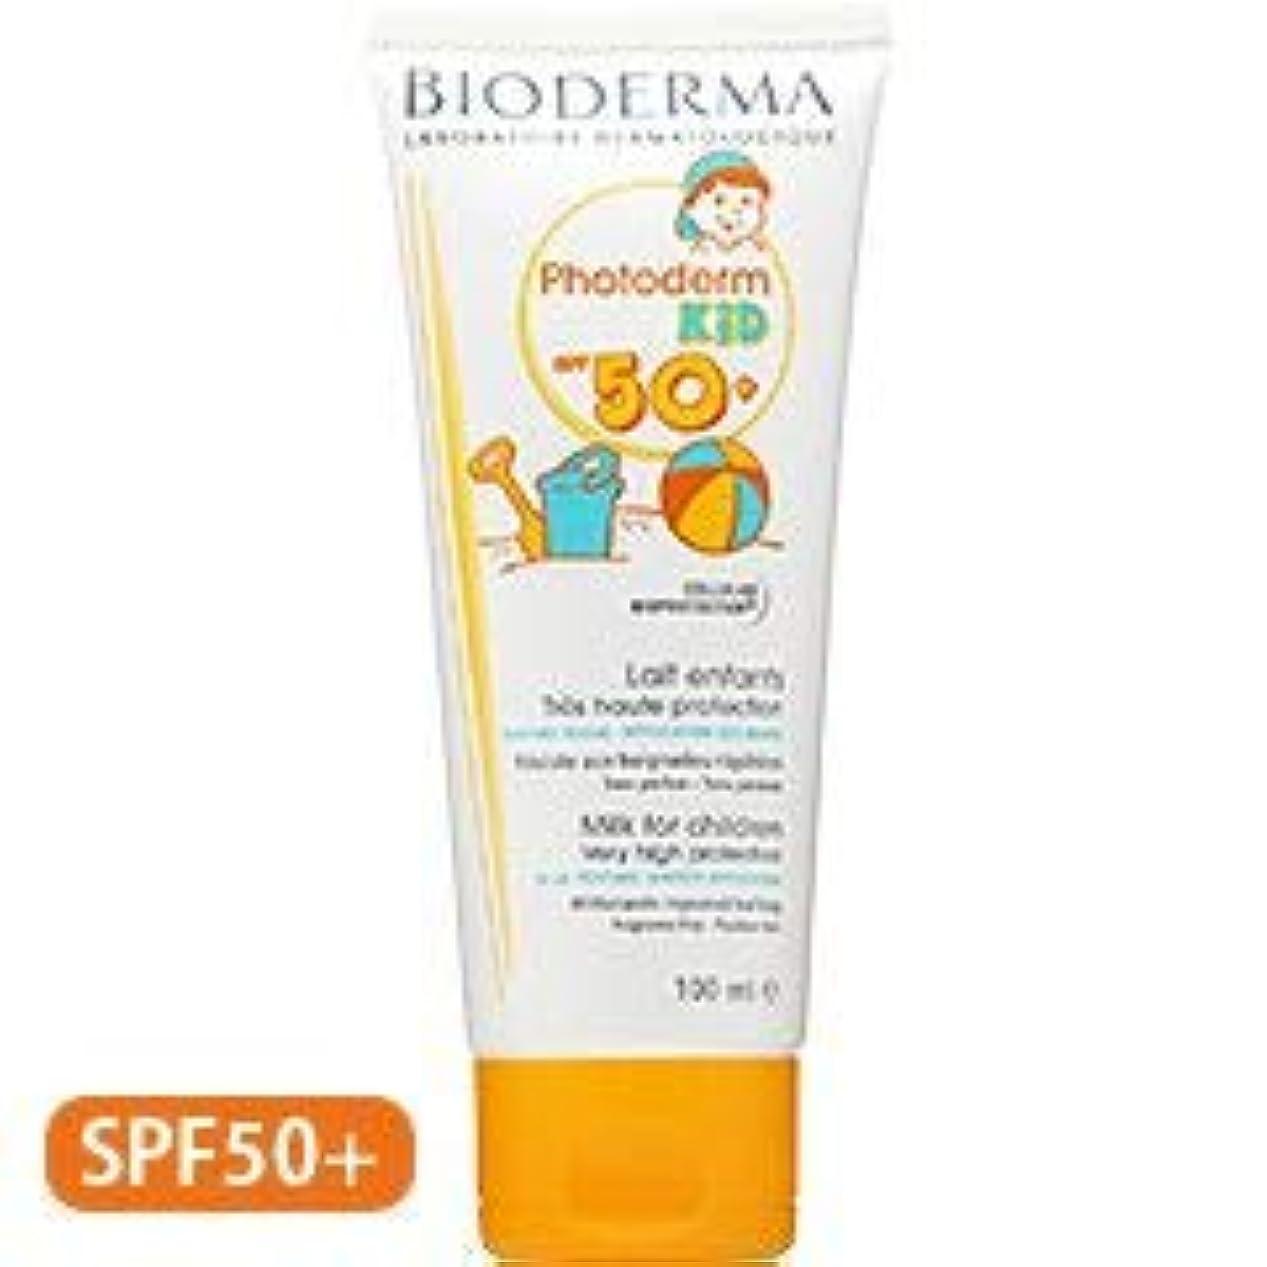 トラブル橋脚表面ビオデルマ(Bioderma) フォトデルム キッド ミルク フォー チルドレン SPF50+ [並行輸入品]